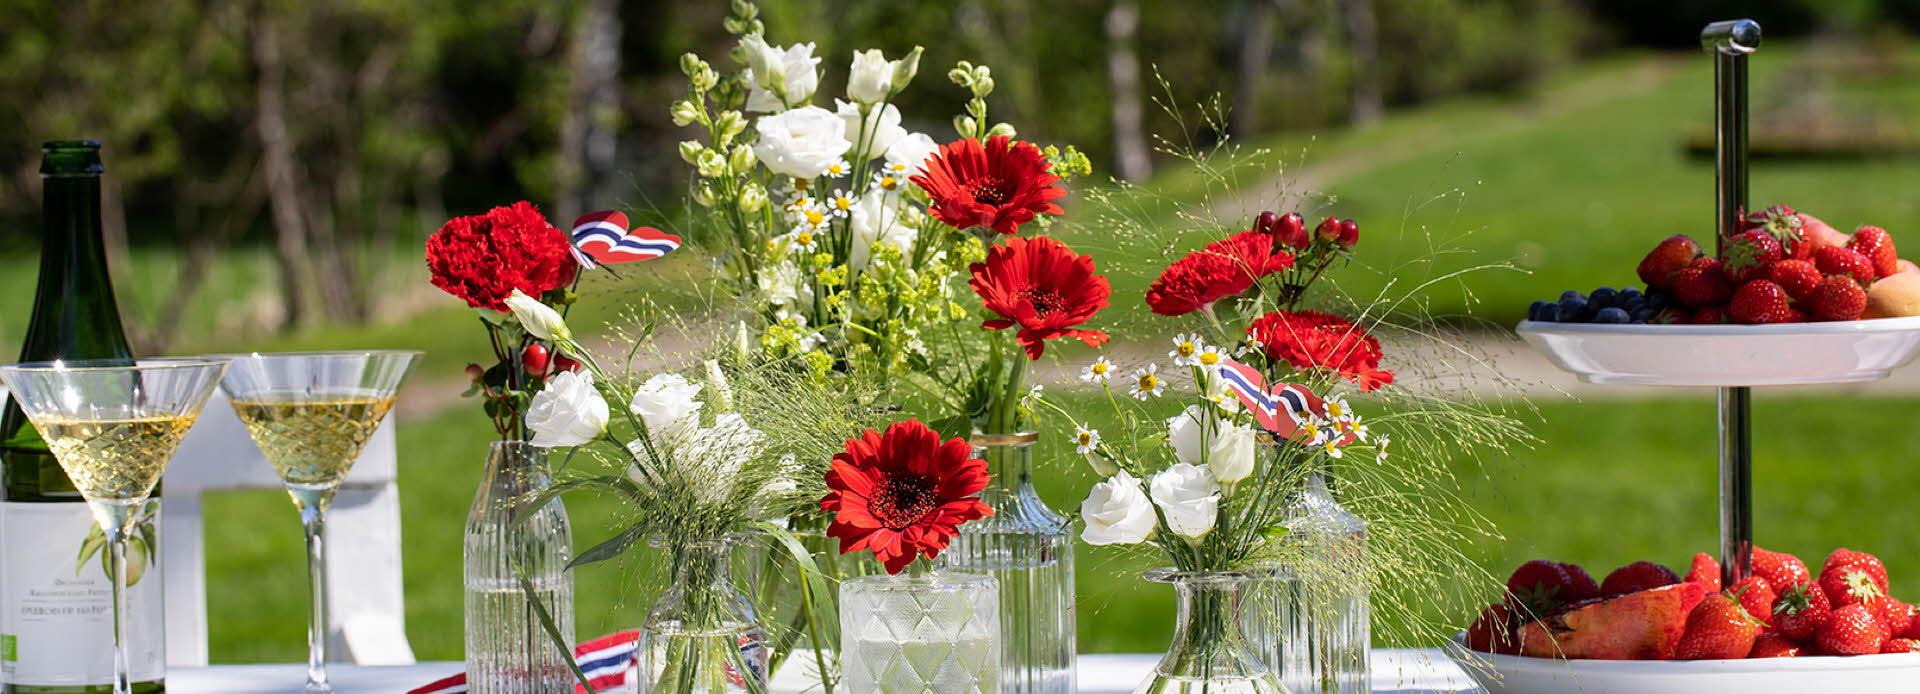 Bord med rød og hvit 17. mai bukett, glass med musserende, etasjefat med jordbær og bånd med norsk flagg.